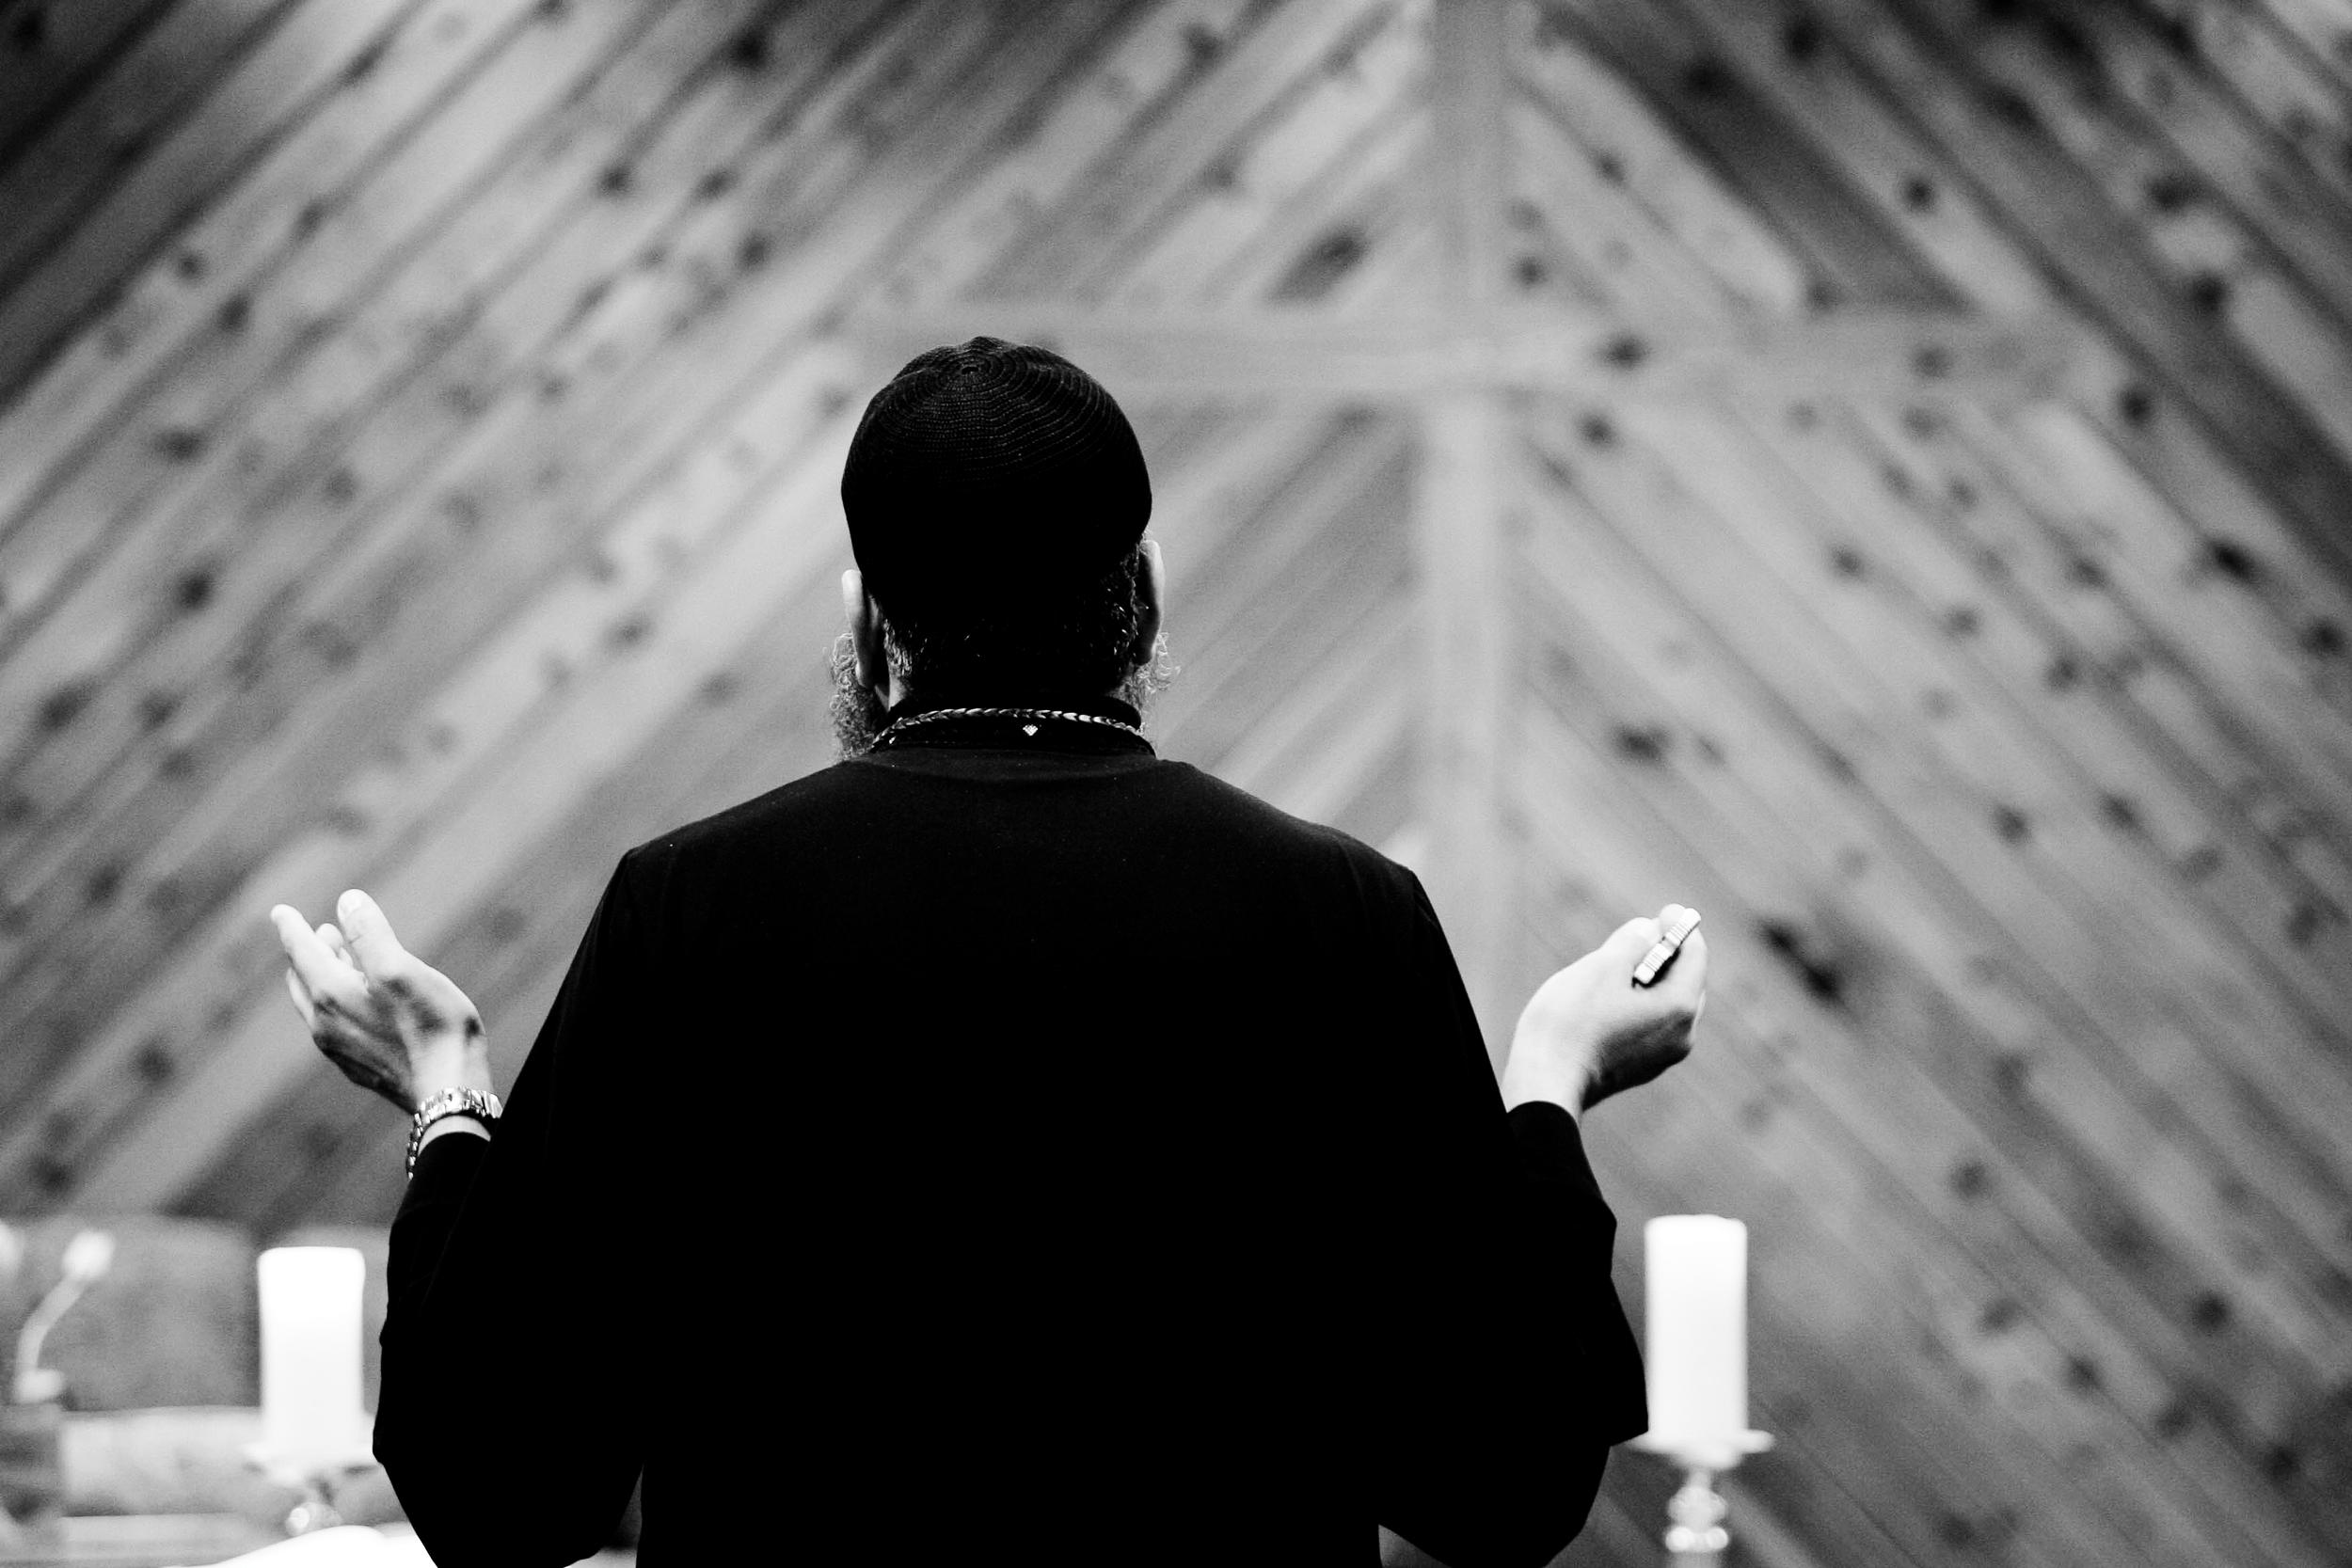 Muslim man inside a mosque